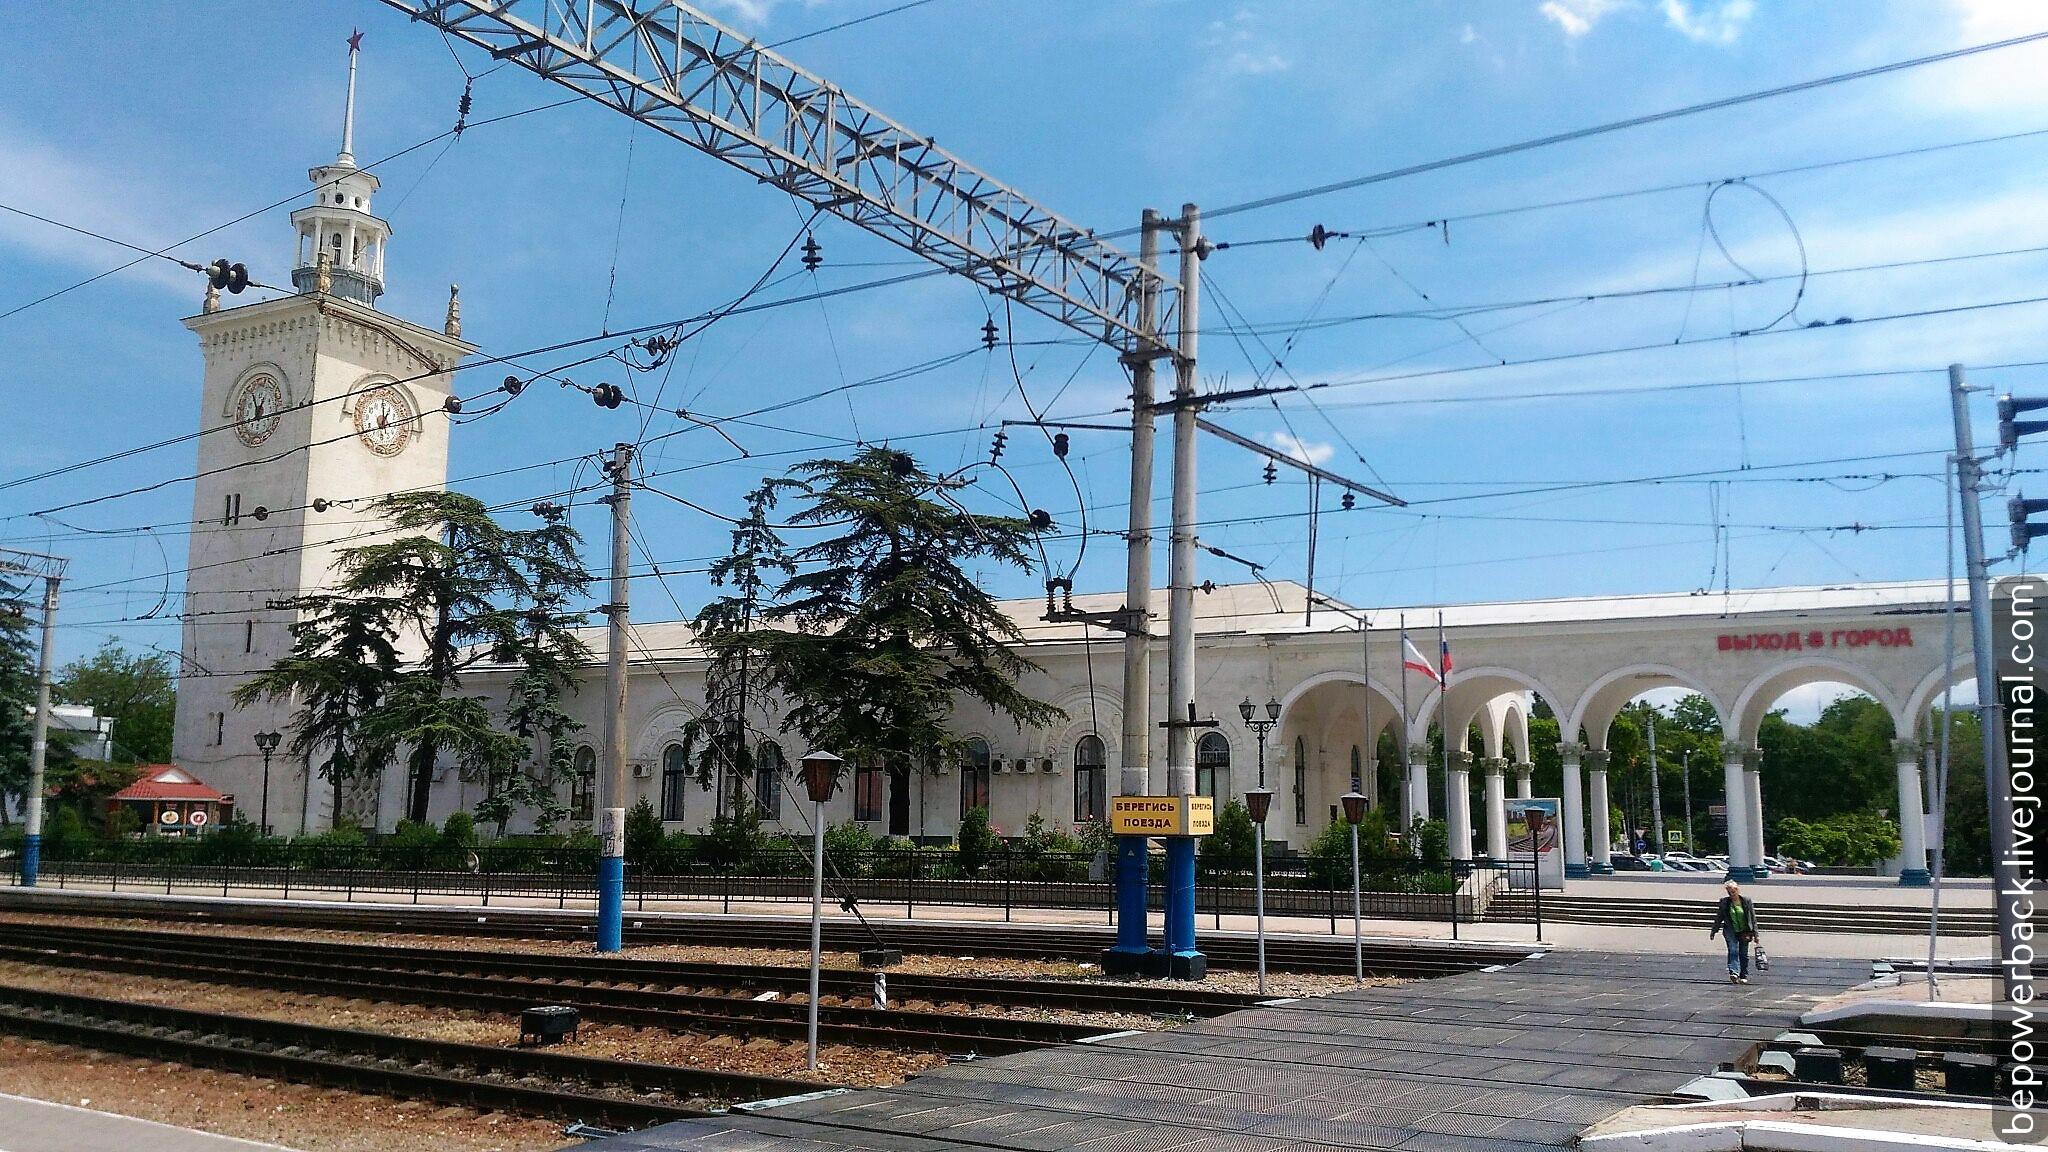 Картинки по запросу Закрытый вокзал в Симферополе